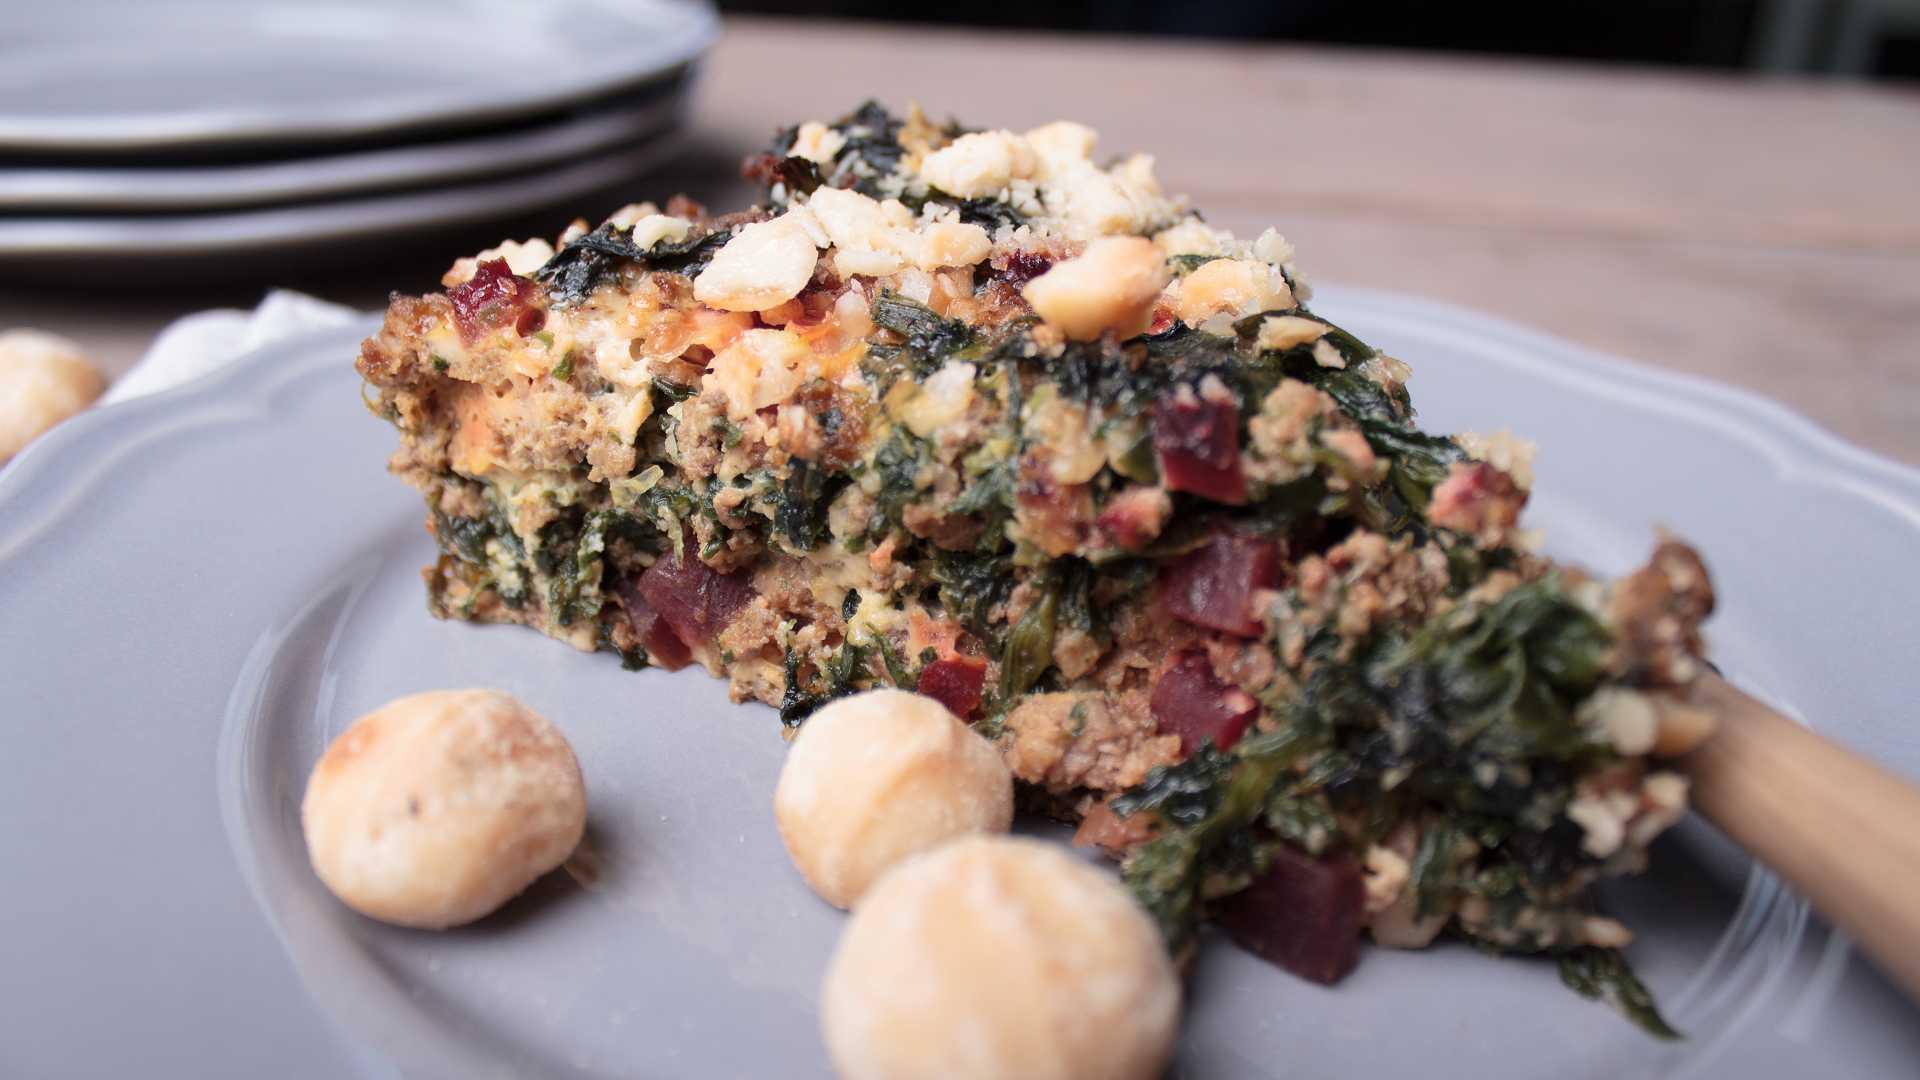 Auf einem Teller liegt ein Stück bodenlose Gemüse-Hackfleisch-Quiche